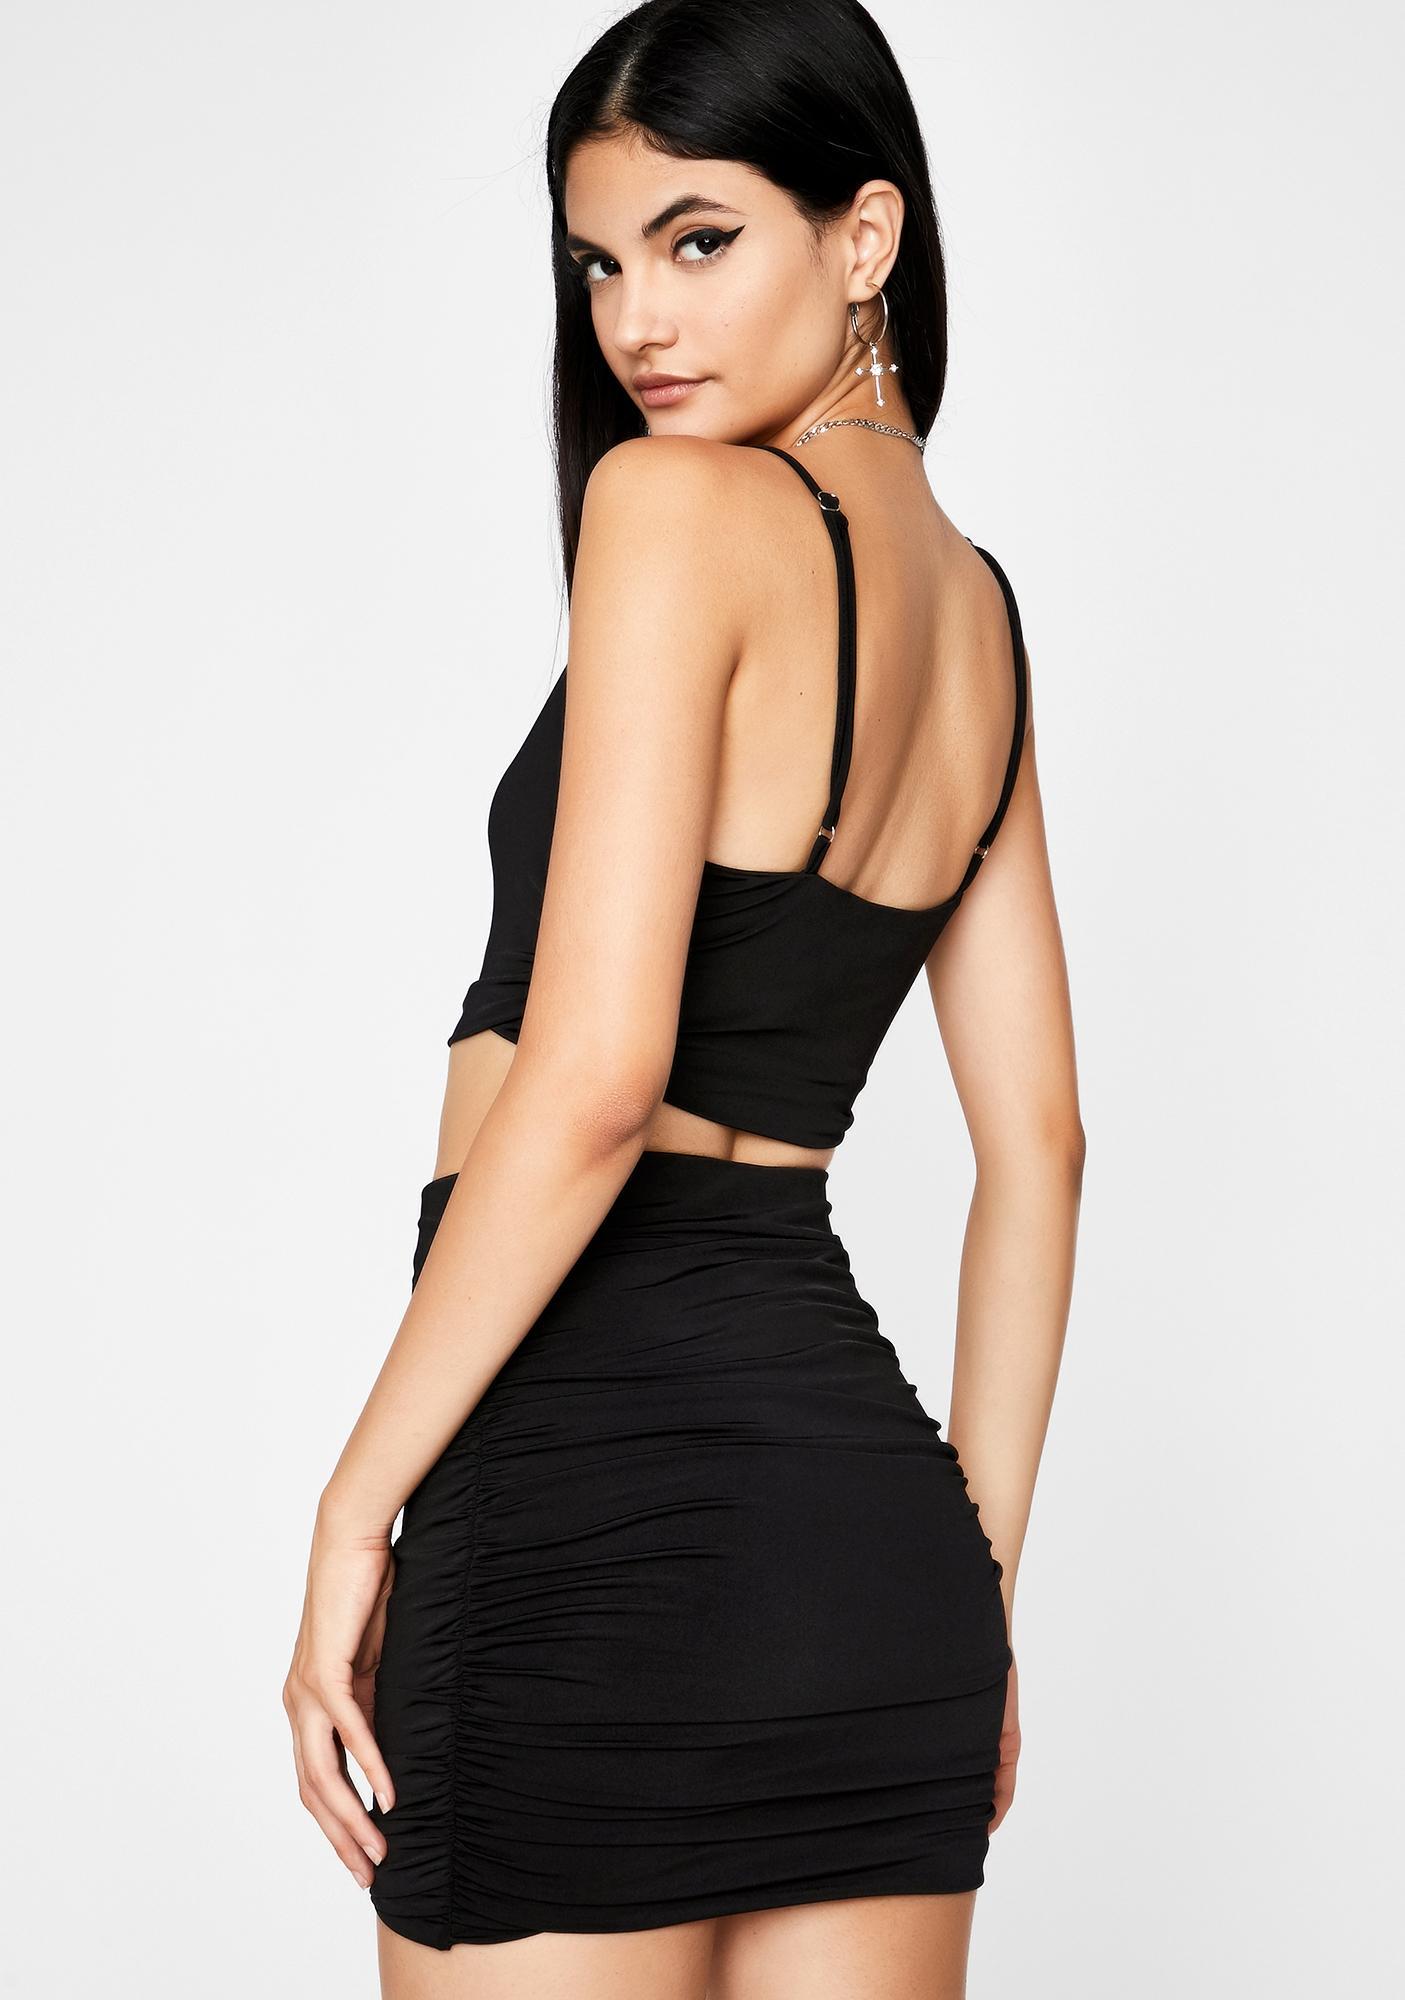 Sinful Cash Code Skirt Set